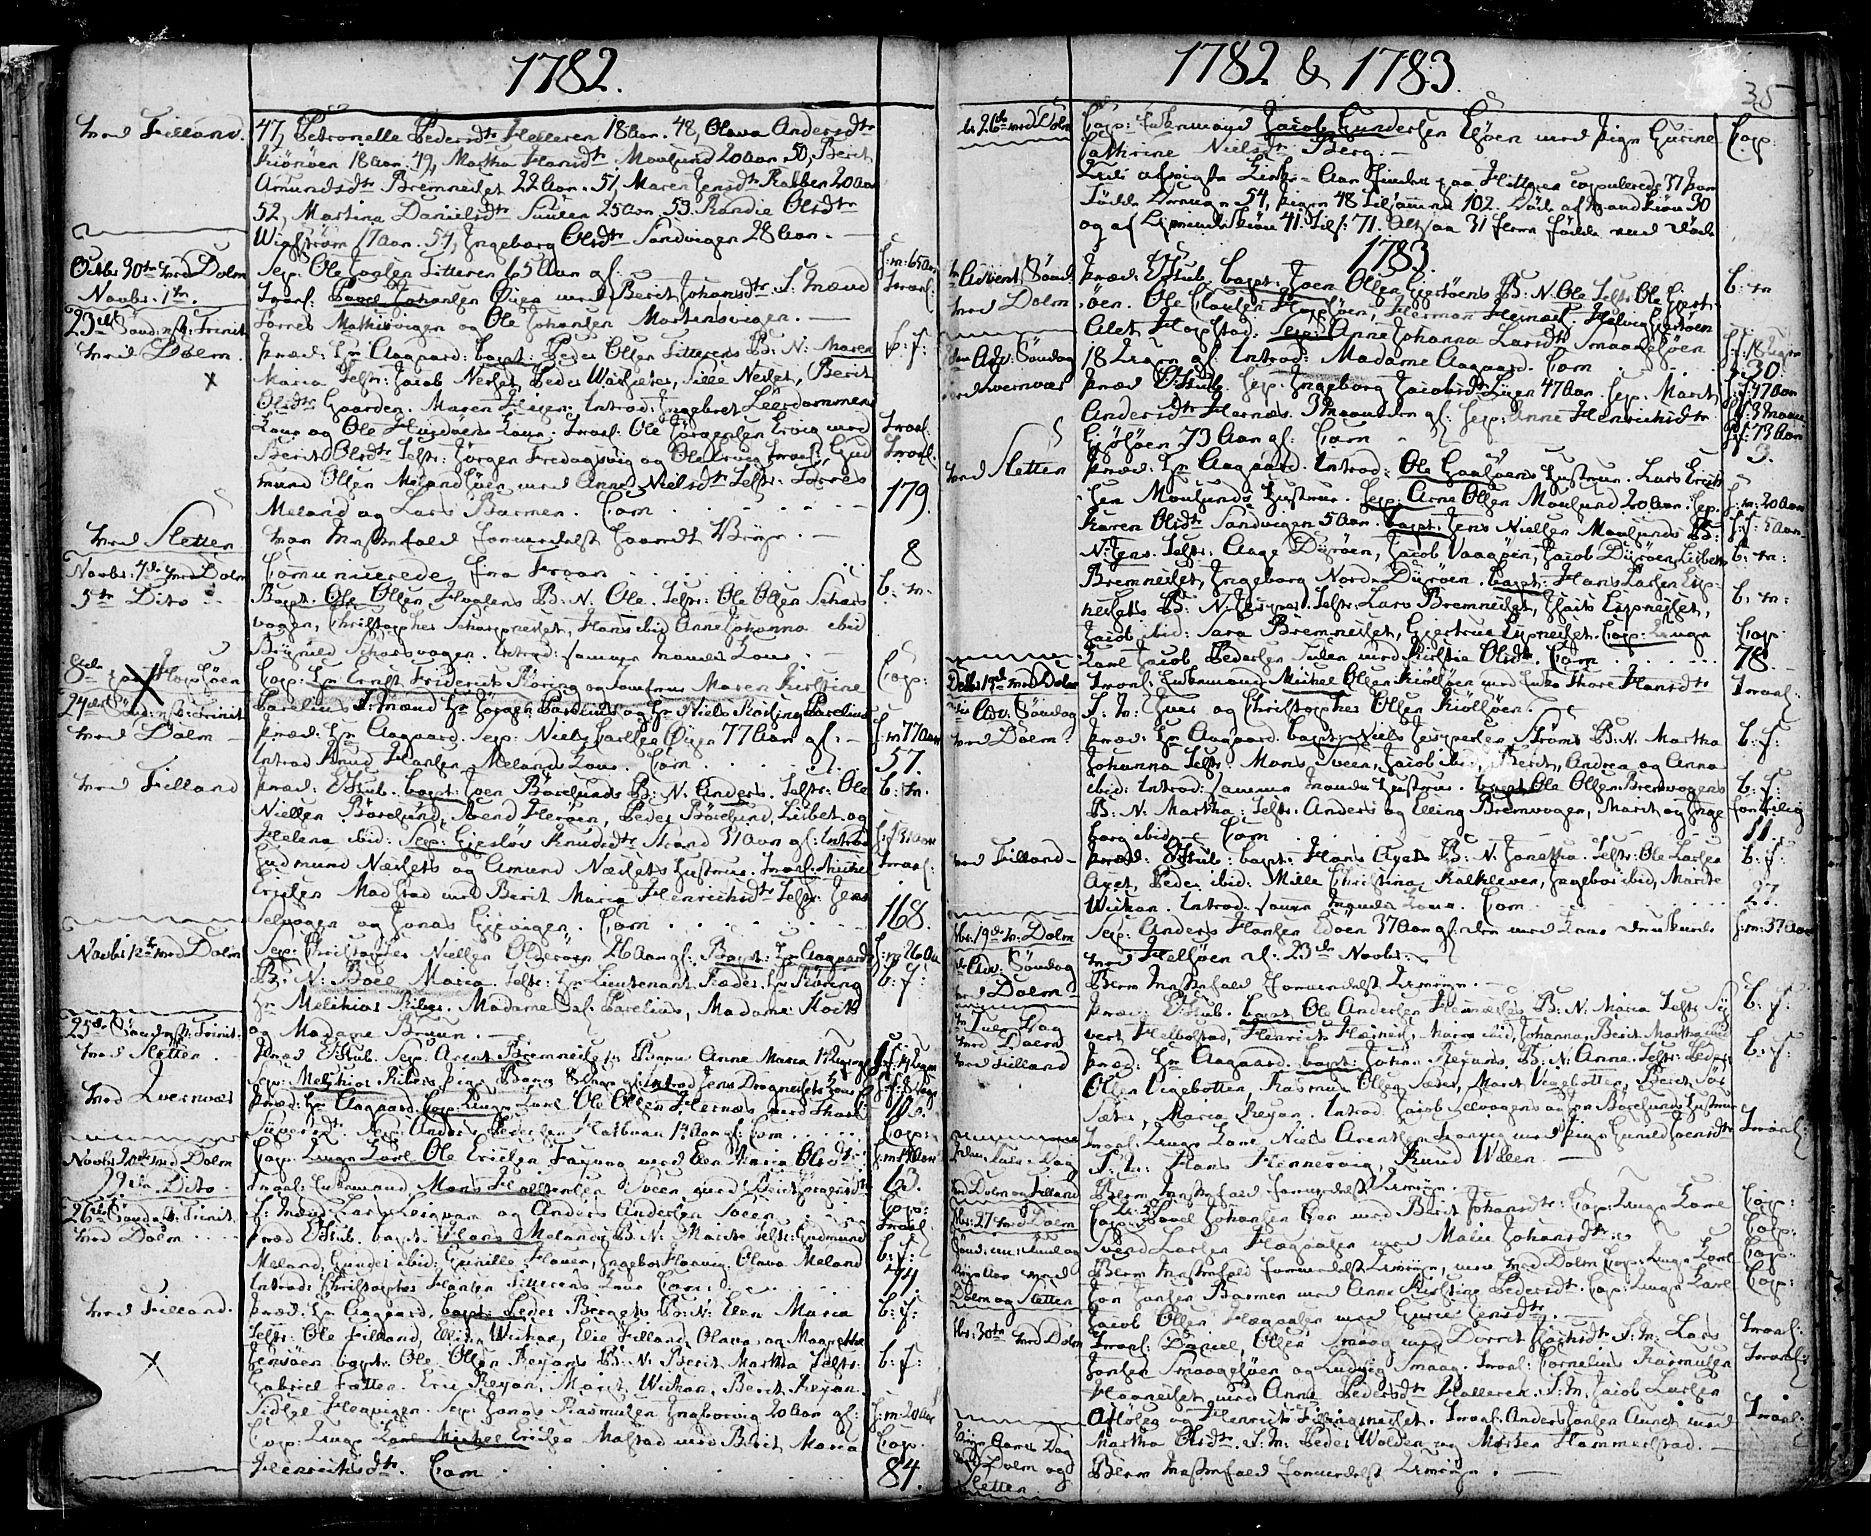 SAT, Ministerialprotokoller, klokkerbøker og fødselsregistre - Sør-Trøndelag, 634/L0526: Ministerialbok nr. 634A02, 1775-1818, s. 35